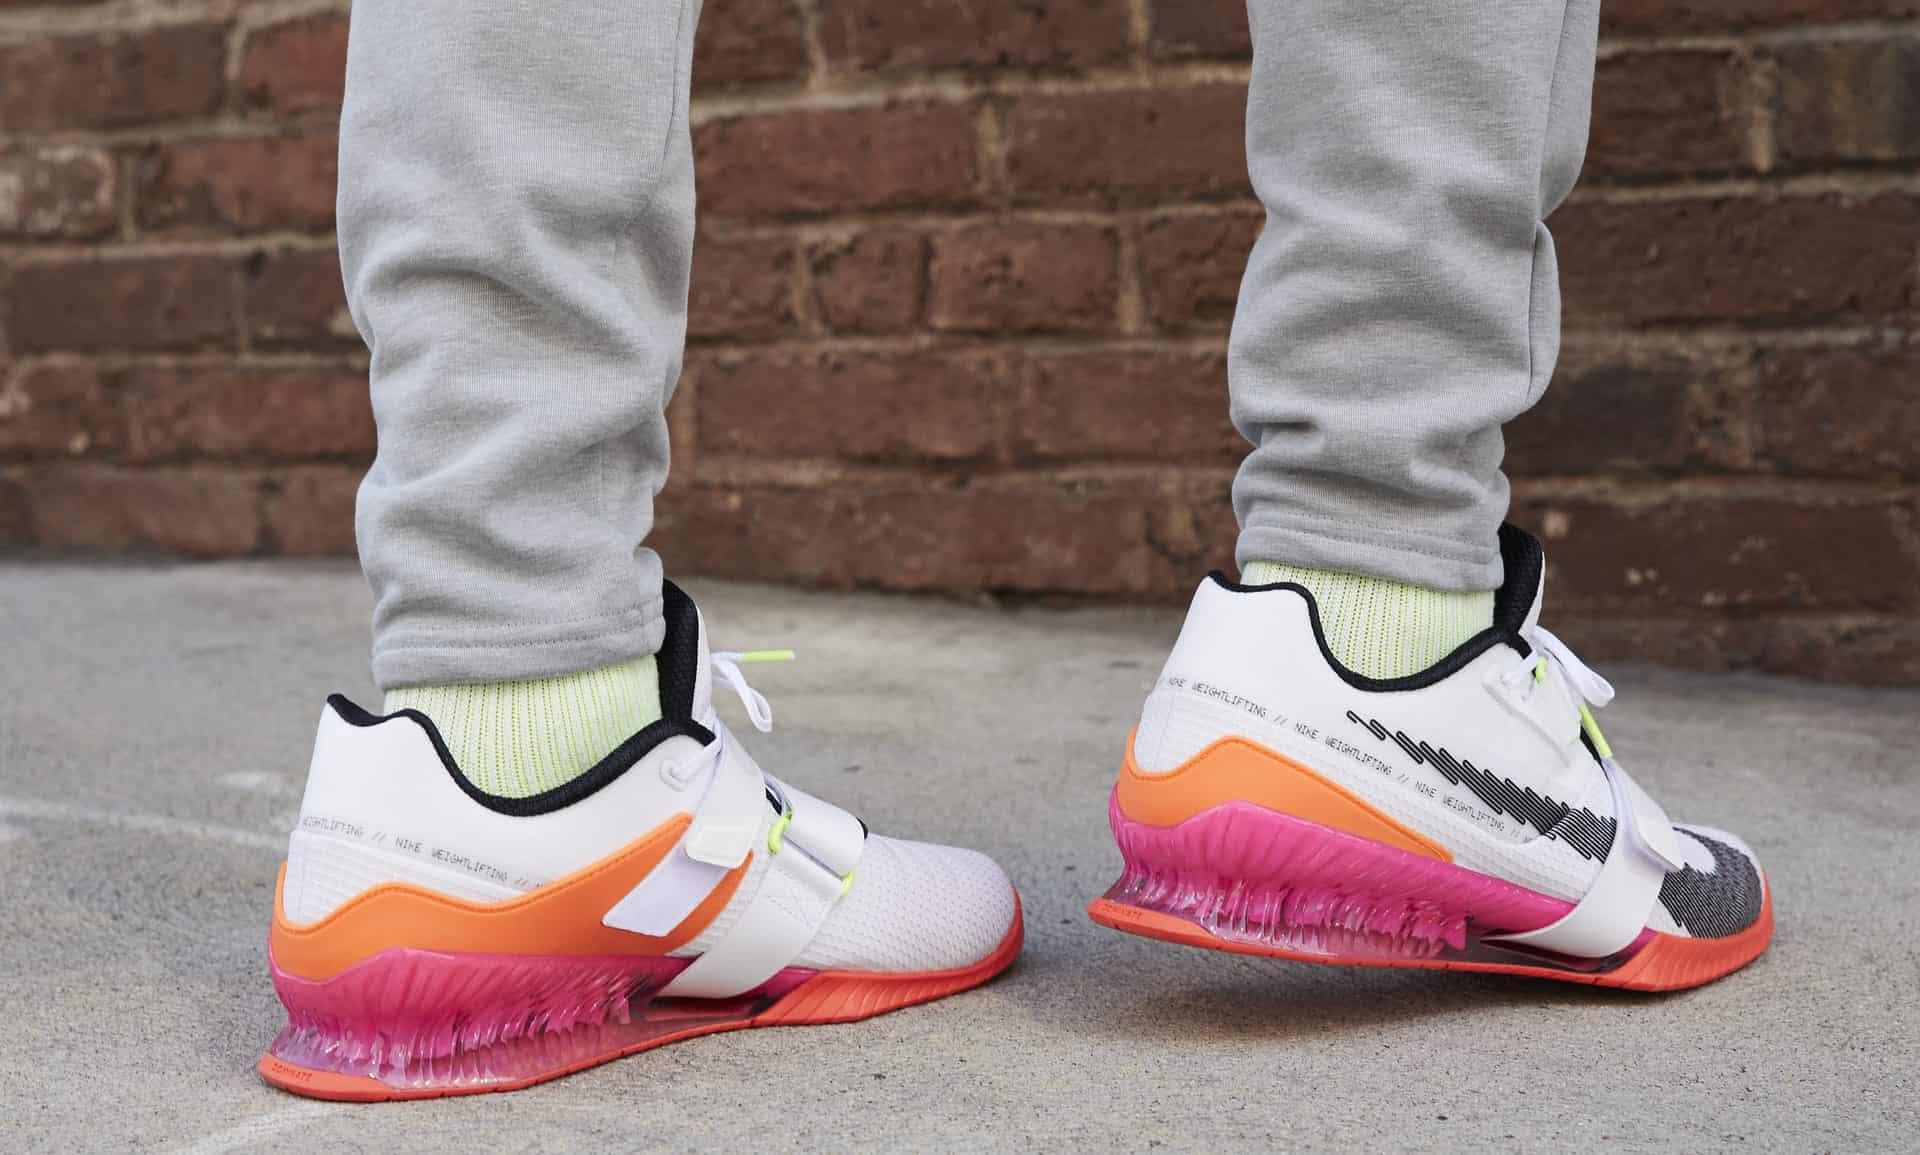 Nike Romaleos 4 SE worn 1